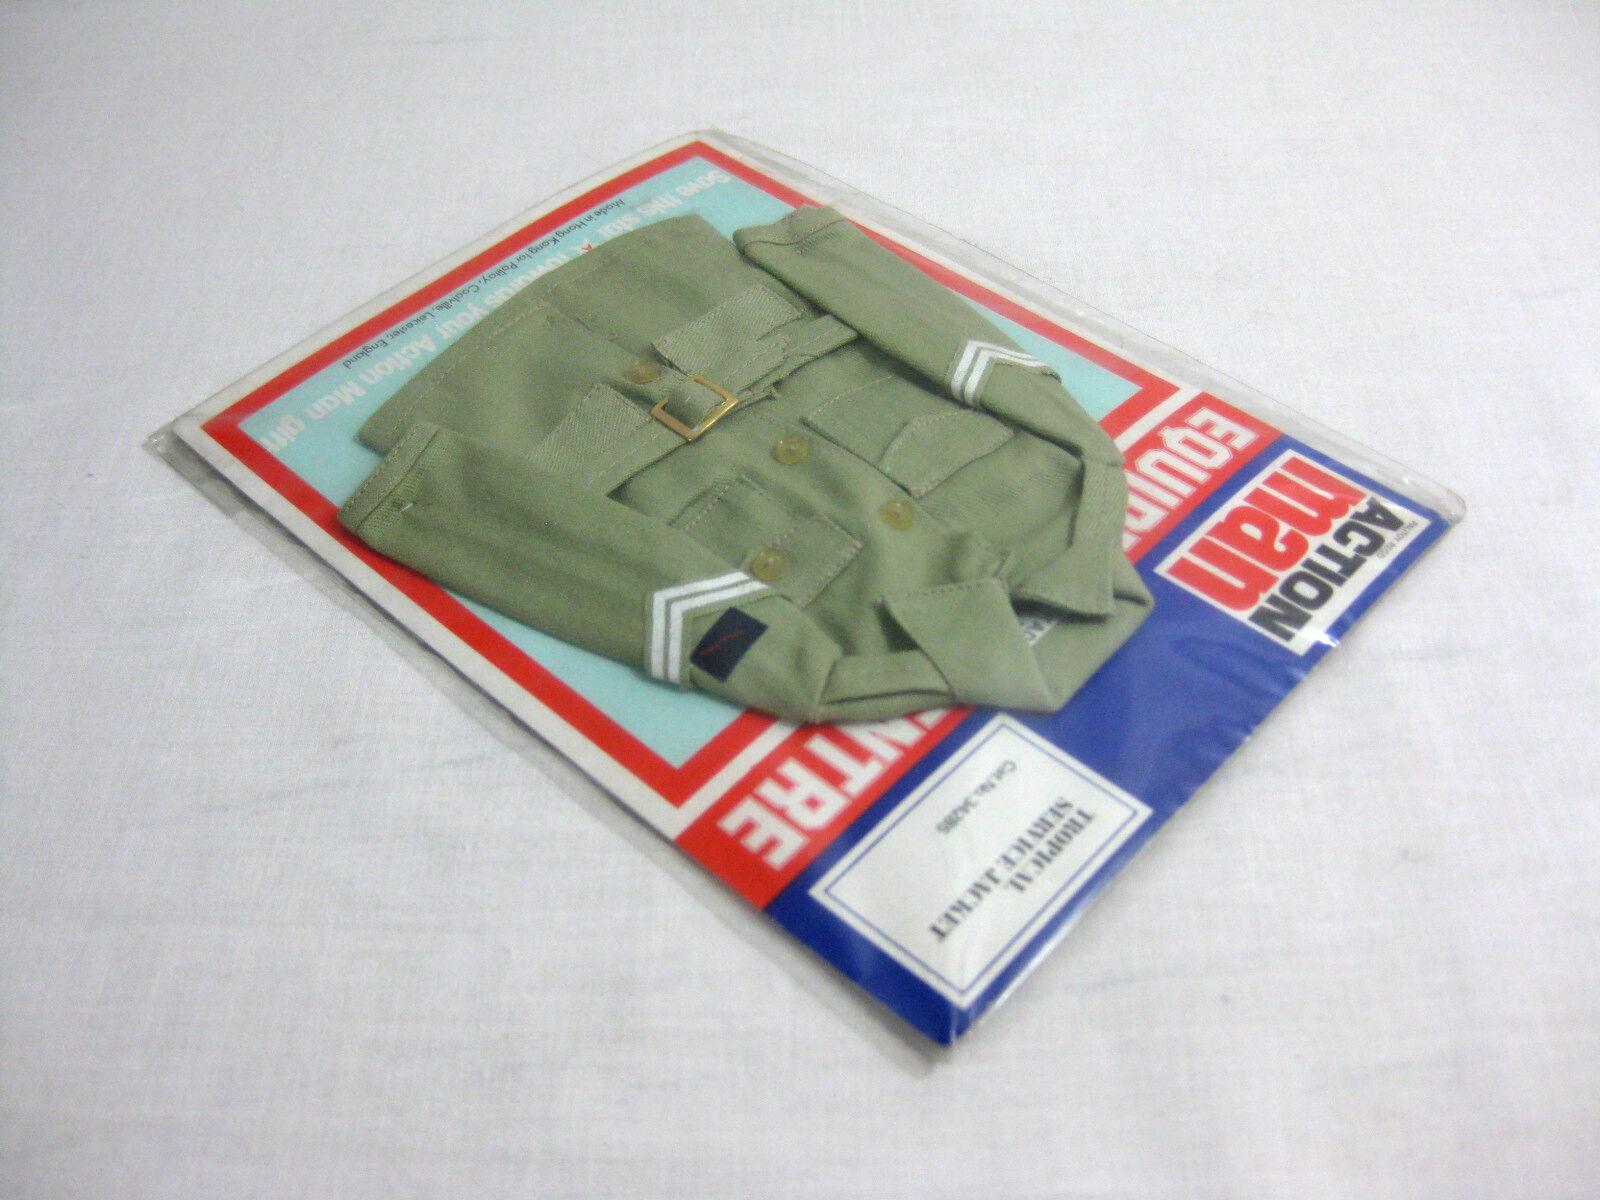 NEW 1970s Action Man ✧ Tropical Service Service Service Jacket ✧ Vintage Equipment Centre MOC d696e2